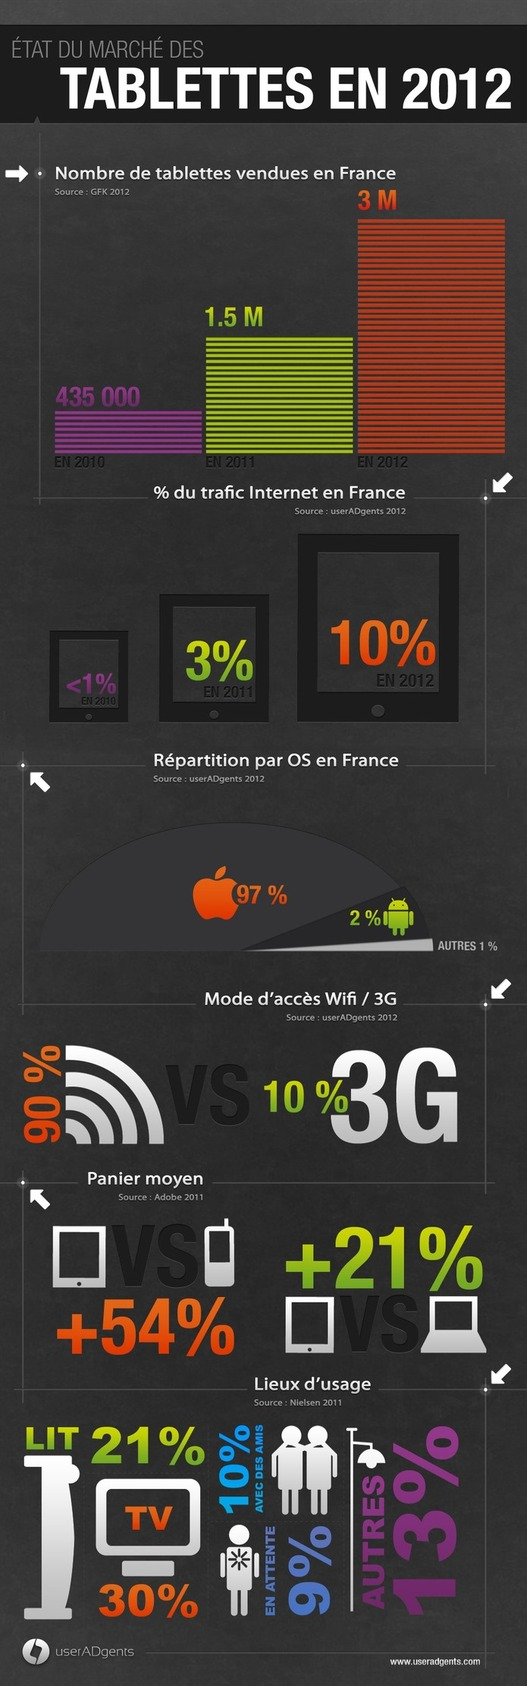 Le marché des tablettes en France en 1 image